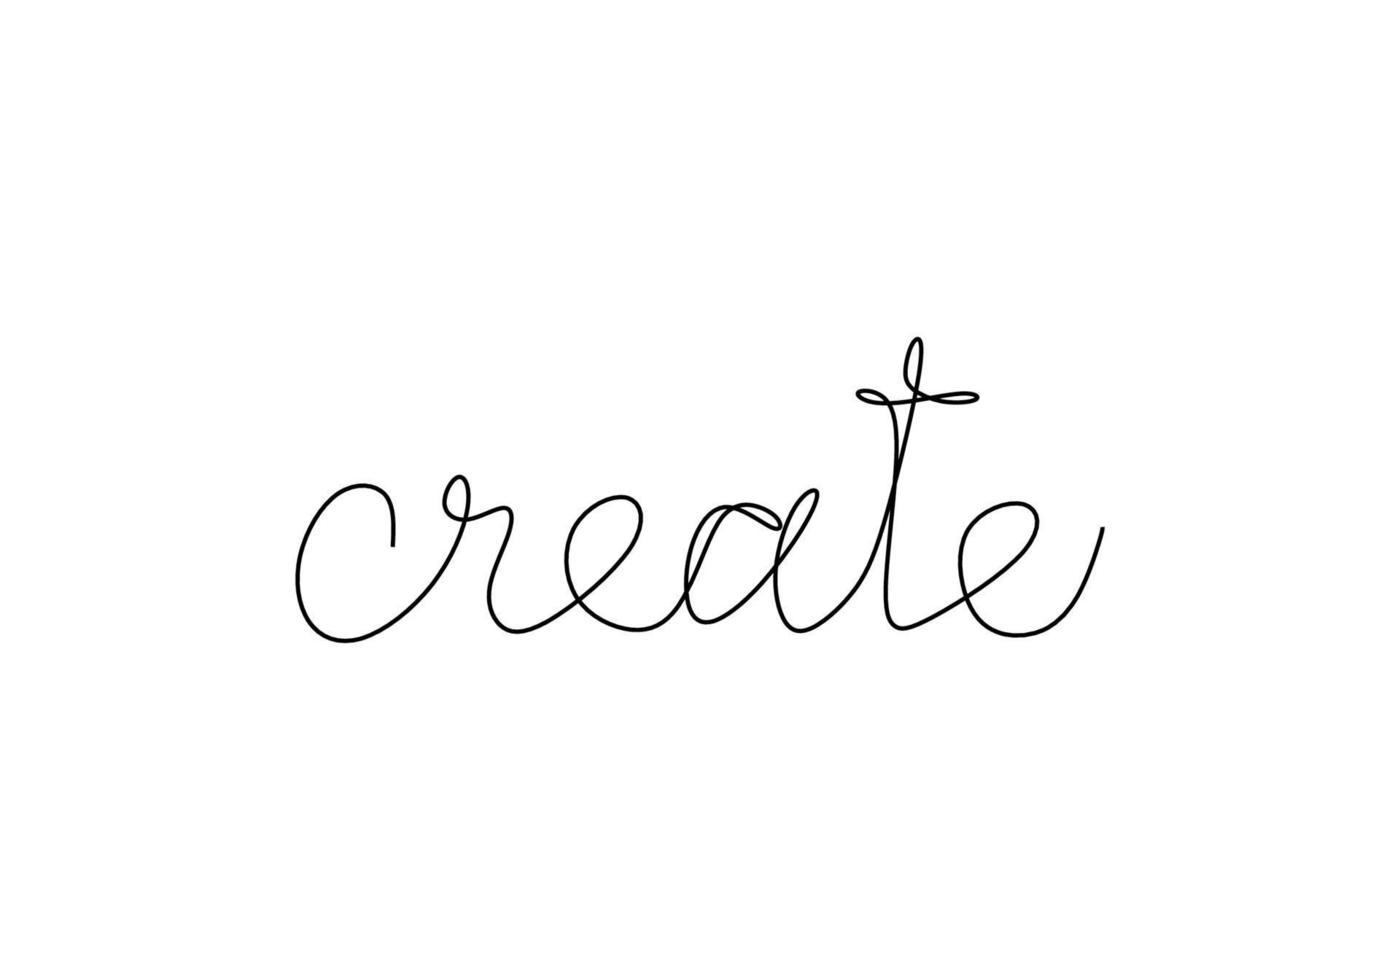 scritto a mano crea una parola di una riga. lettere disegnate a mano. calligrafia. un disegno a tratteggio della frase. disegno a tratteggio nero continuo crea parola. concetto di parola minimalista. vettore